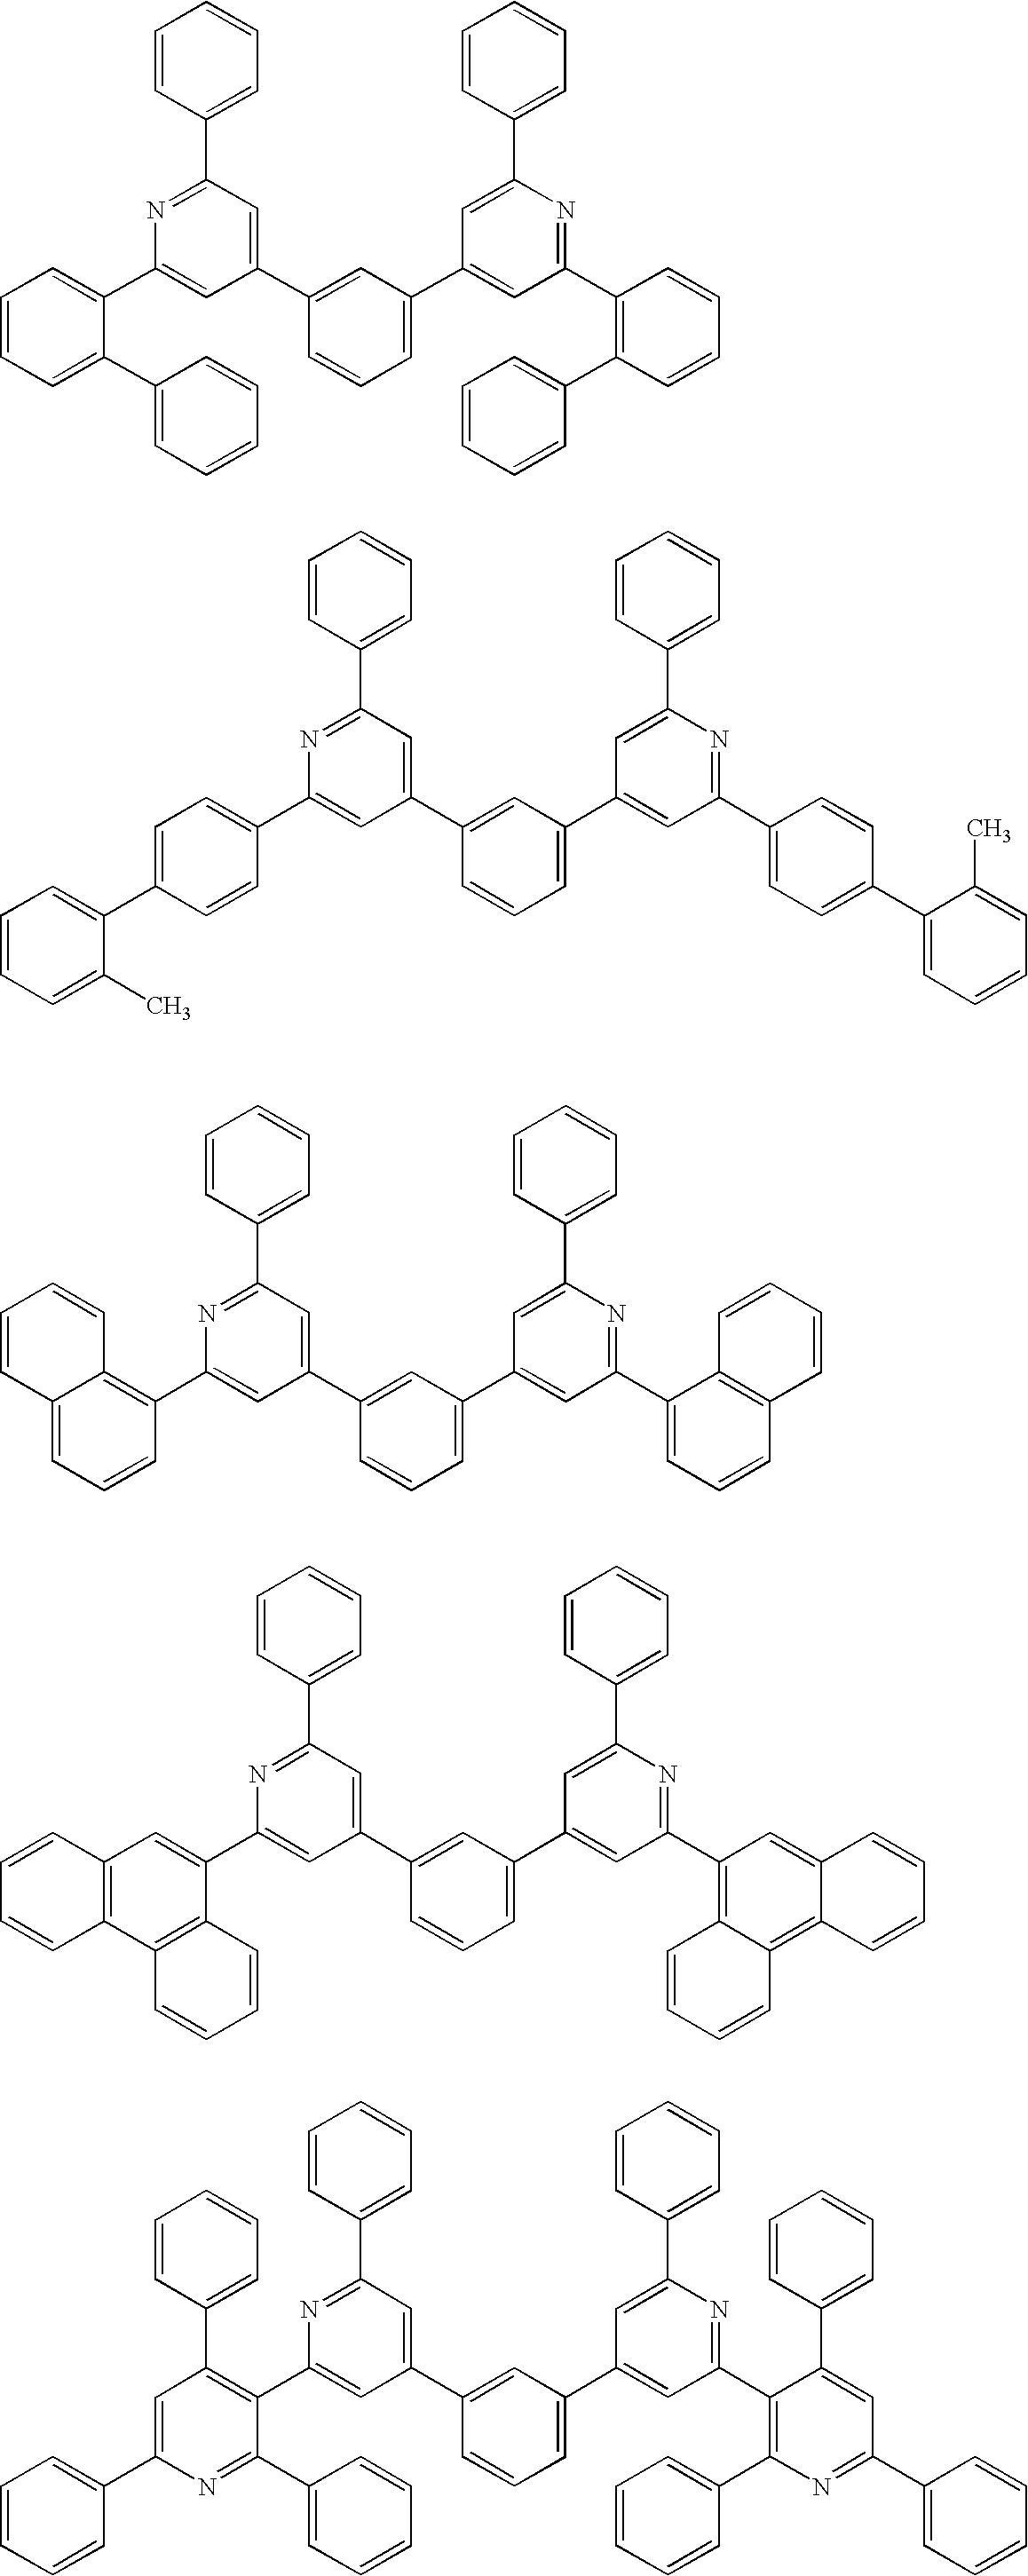 Figure US20060186796A1-20060824-C00092